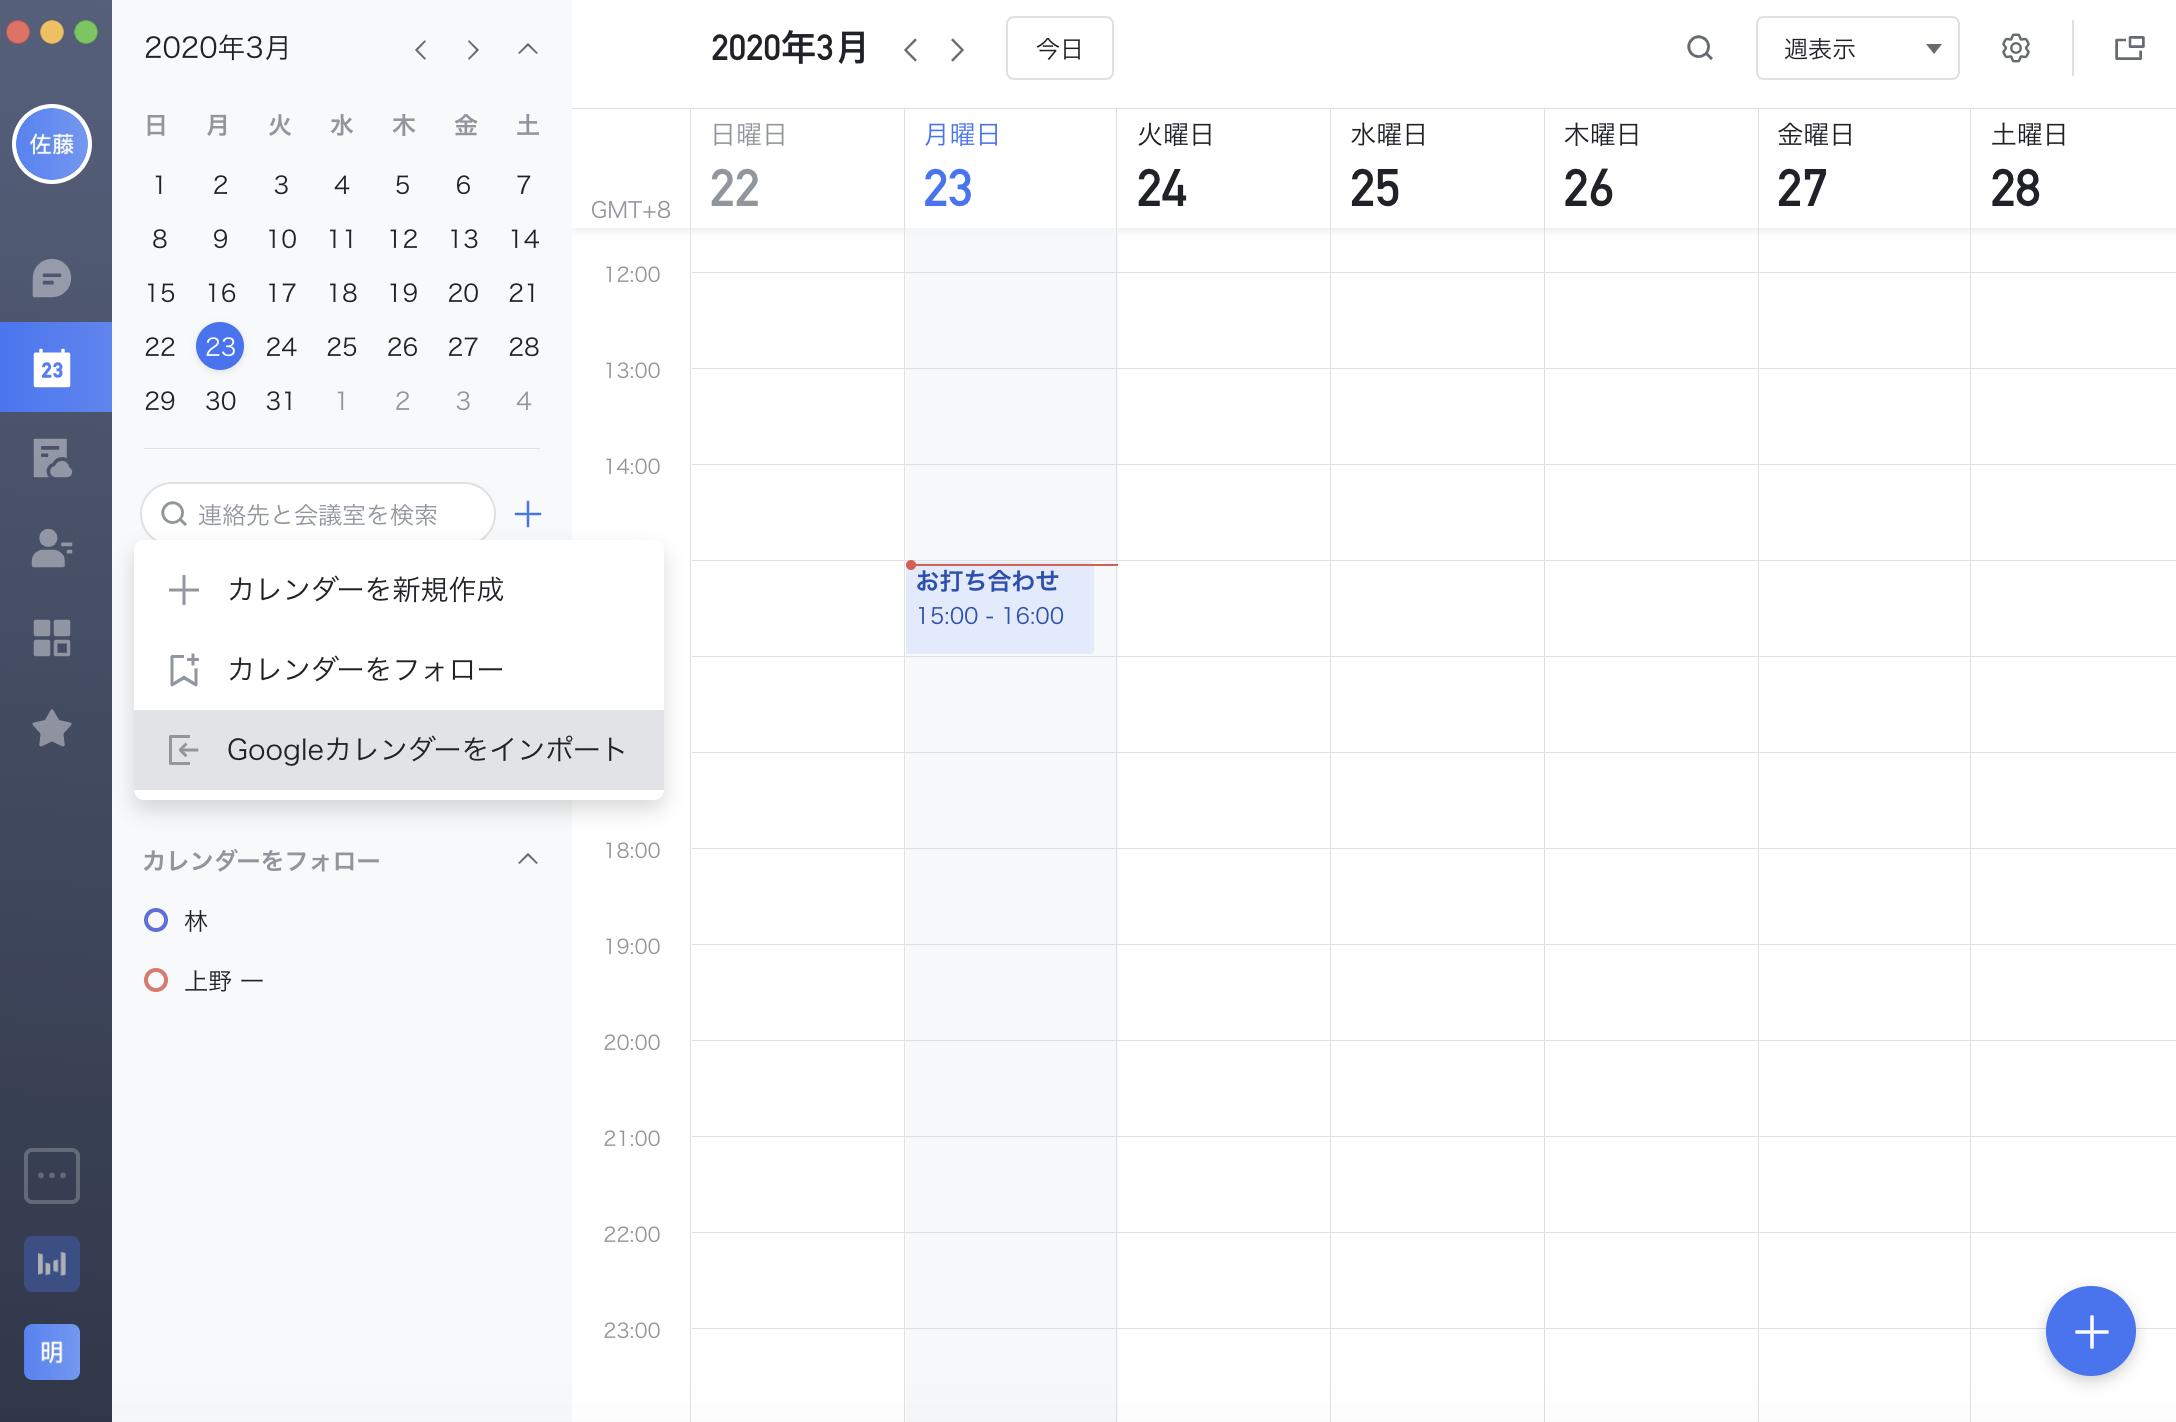 を 追加 できません した カレンダー で